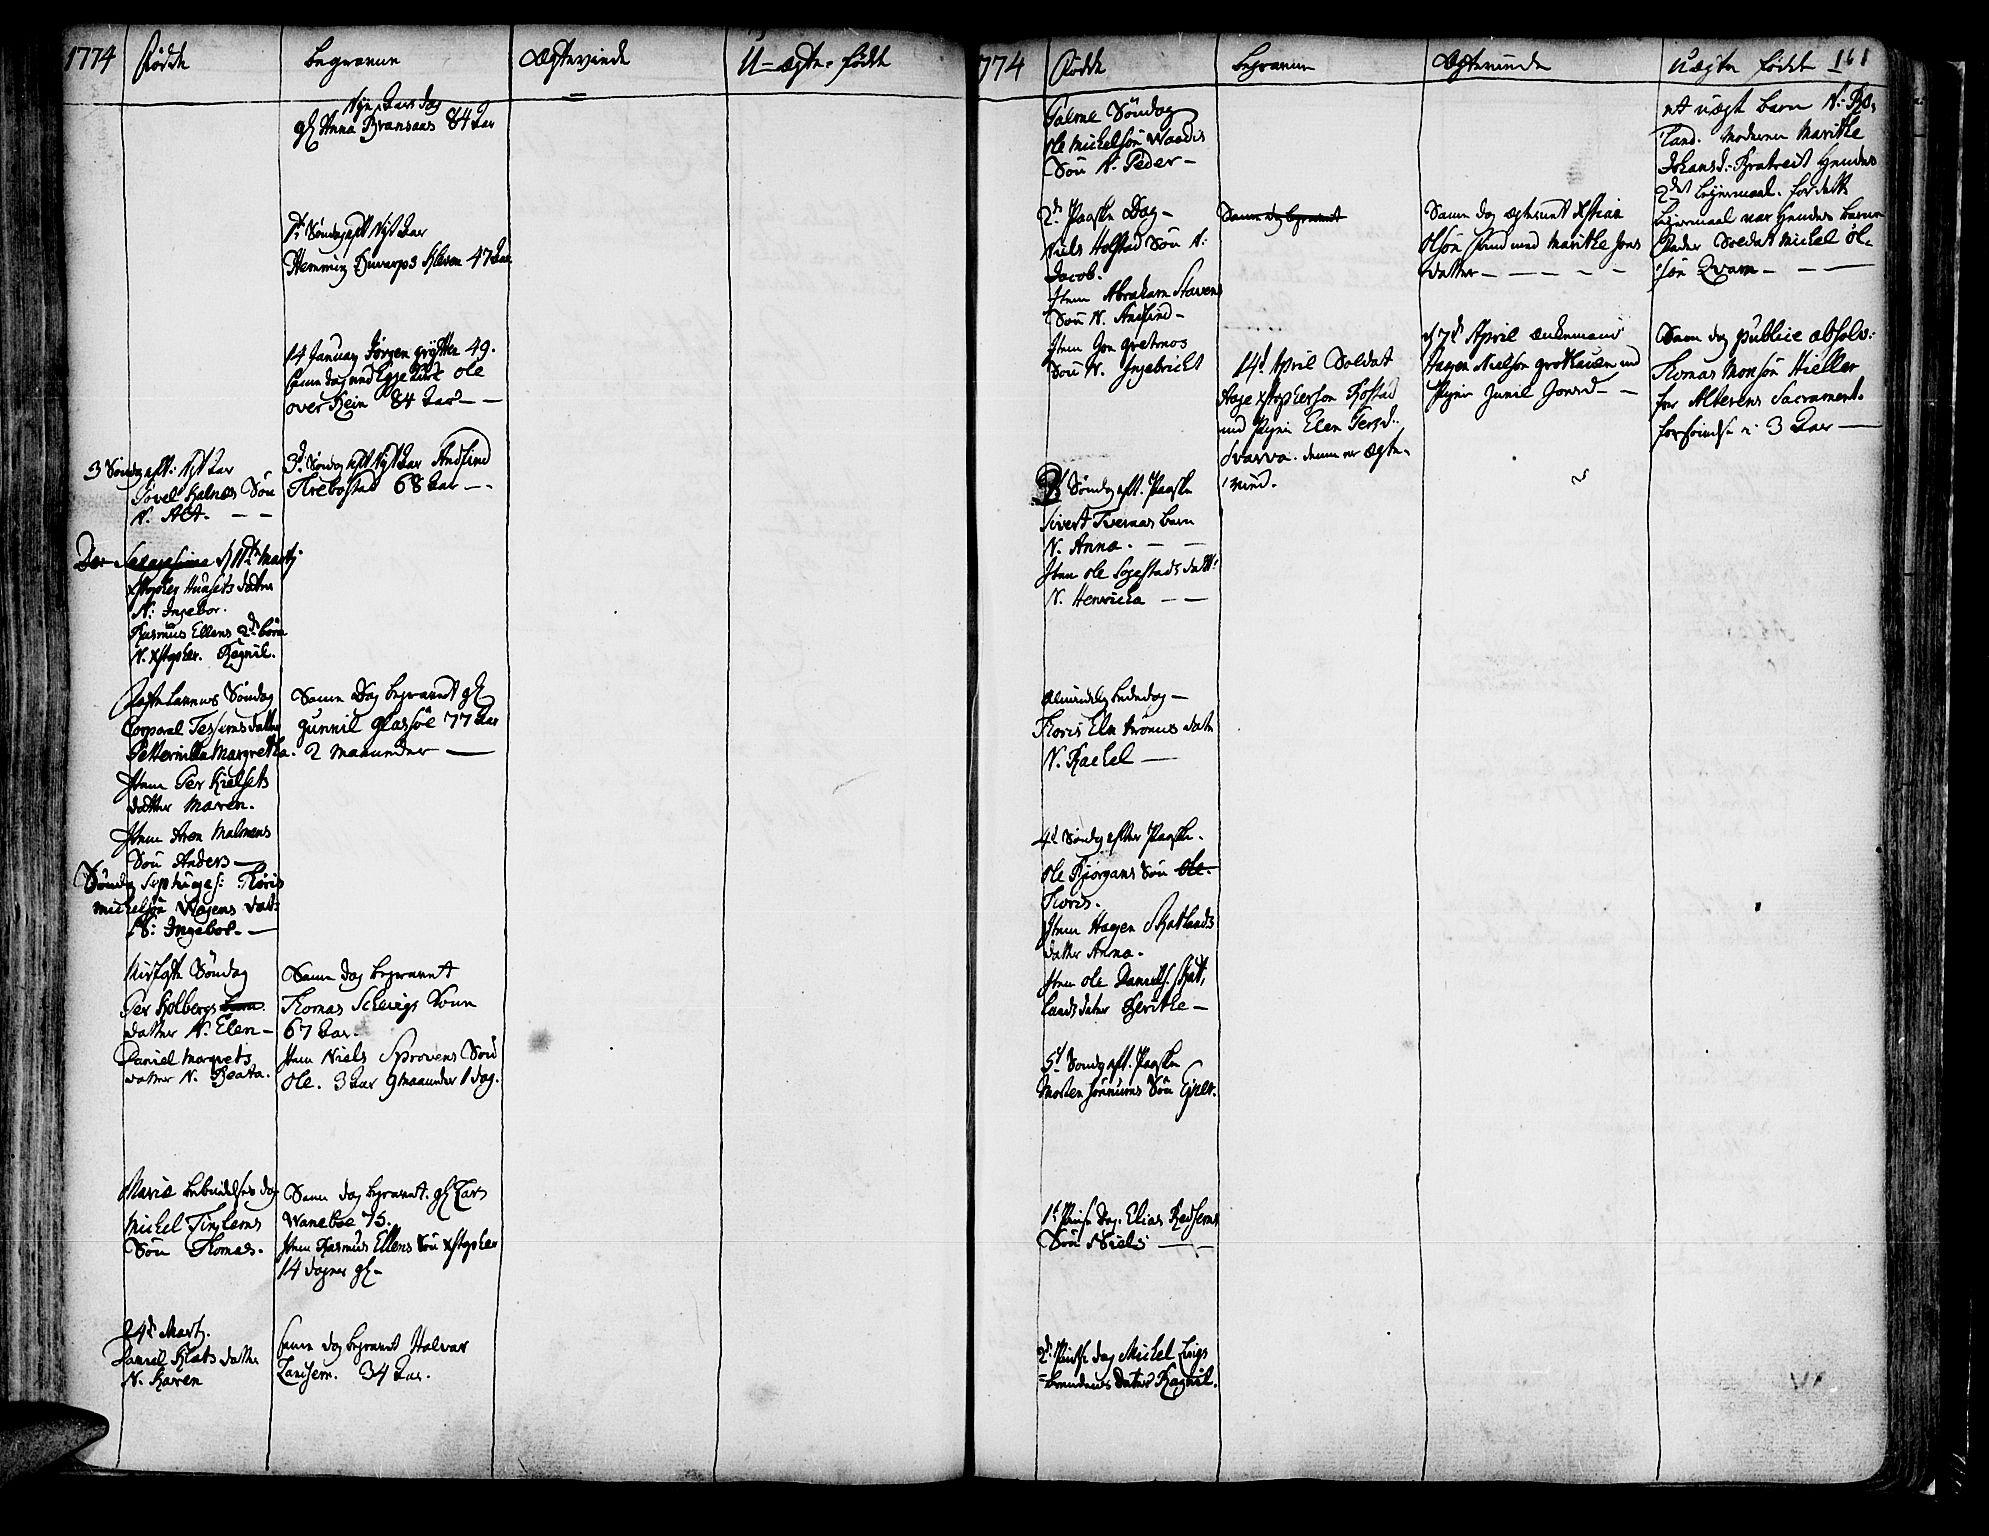 SAT, Ministerialprotokoller, klokkerbøker og fødselsregistre - Nord-Trøndelag, 741/L0385: Ministerialbok nr. 741A01, 1722-1815, s. 161